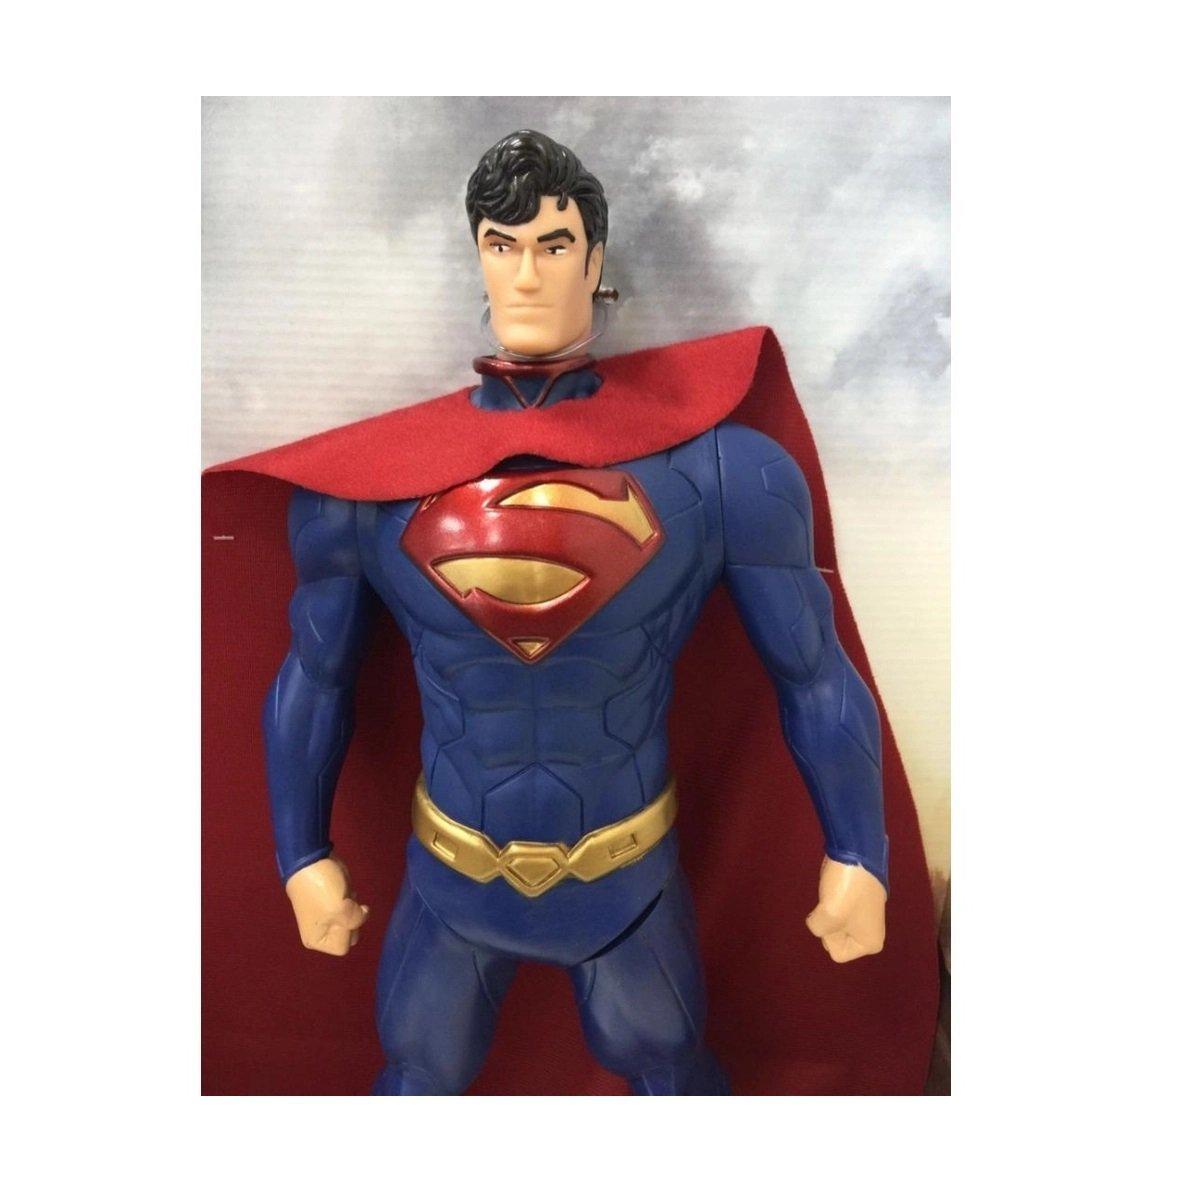 Boneco Super Homem Clássico - Mimo 0927